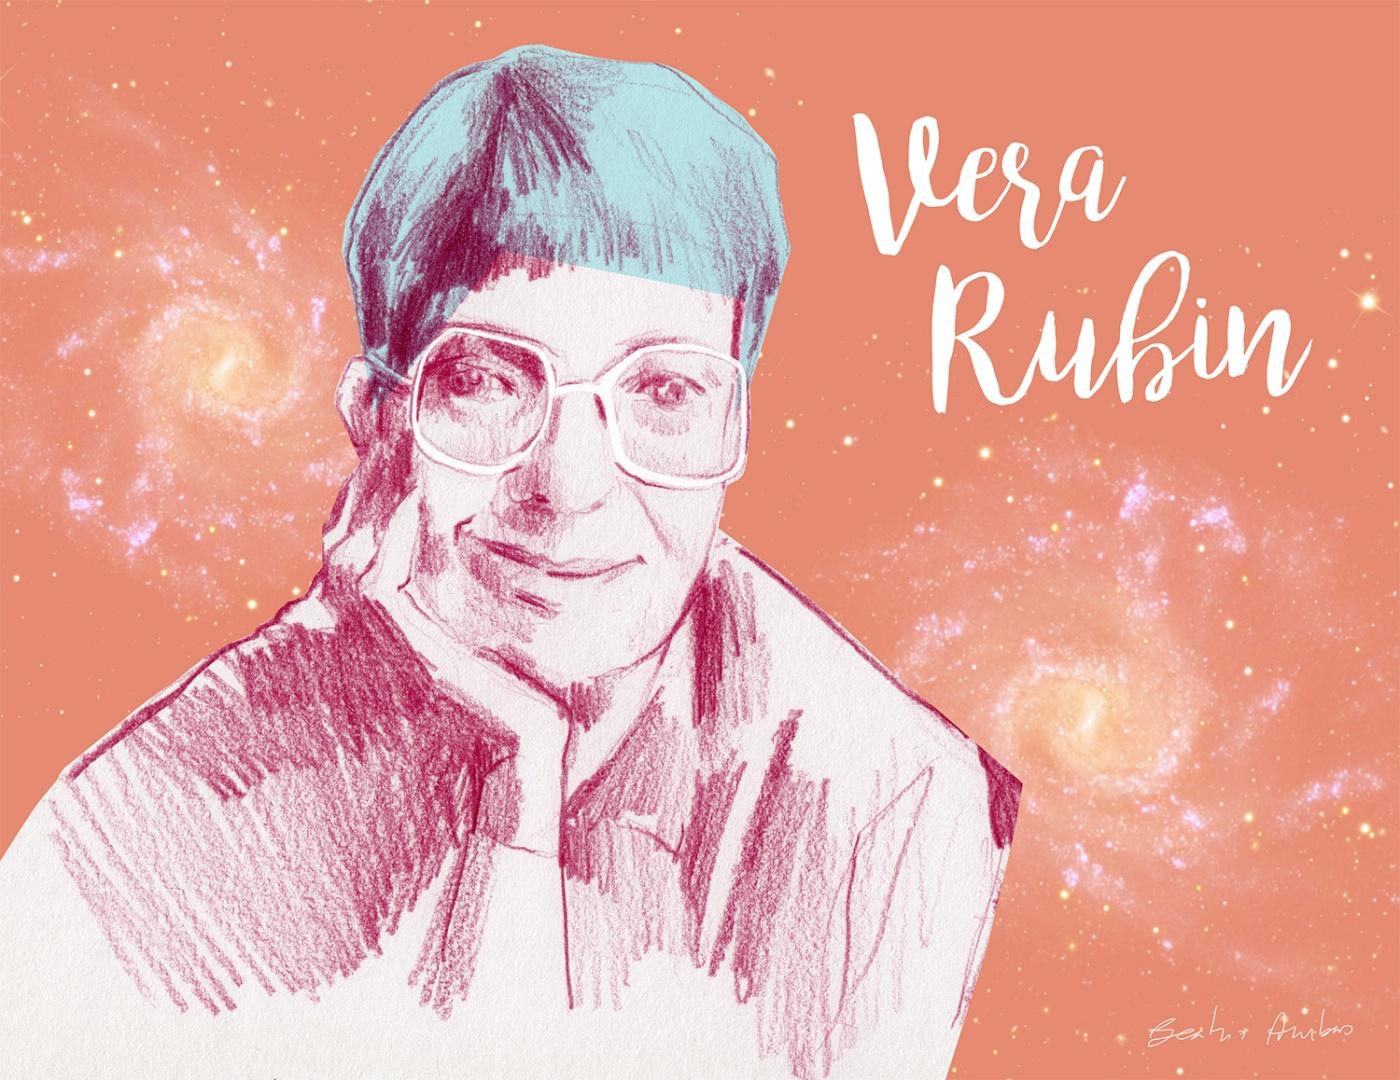 vera_rubin_fin